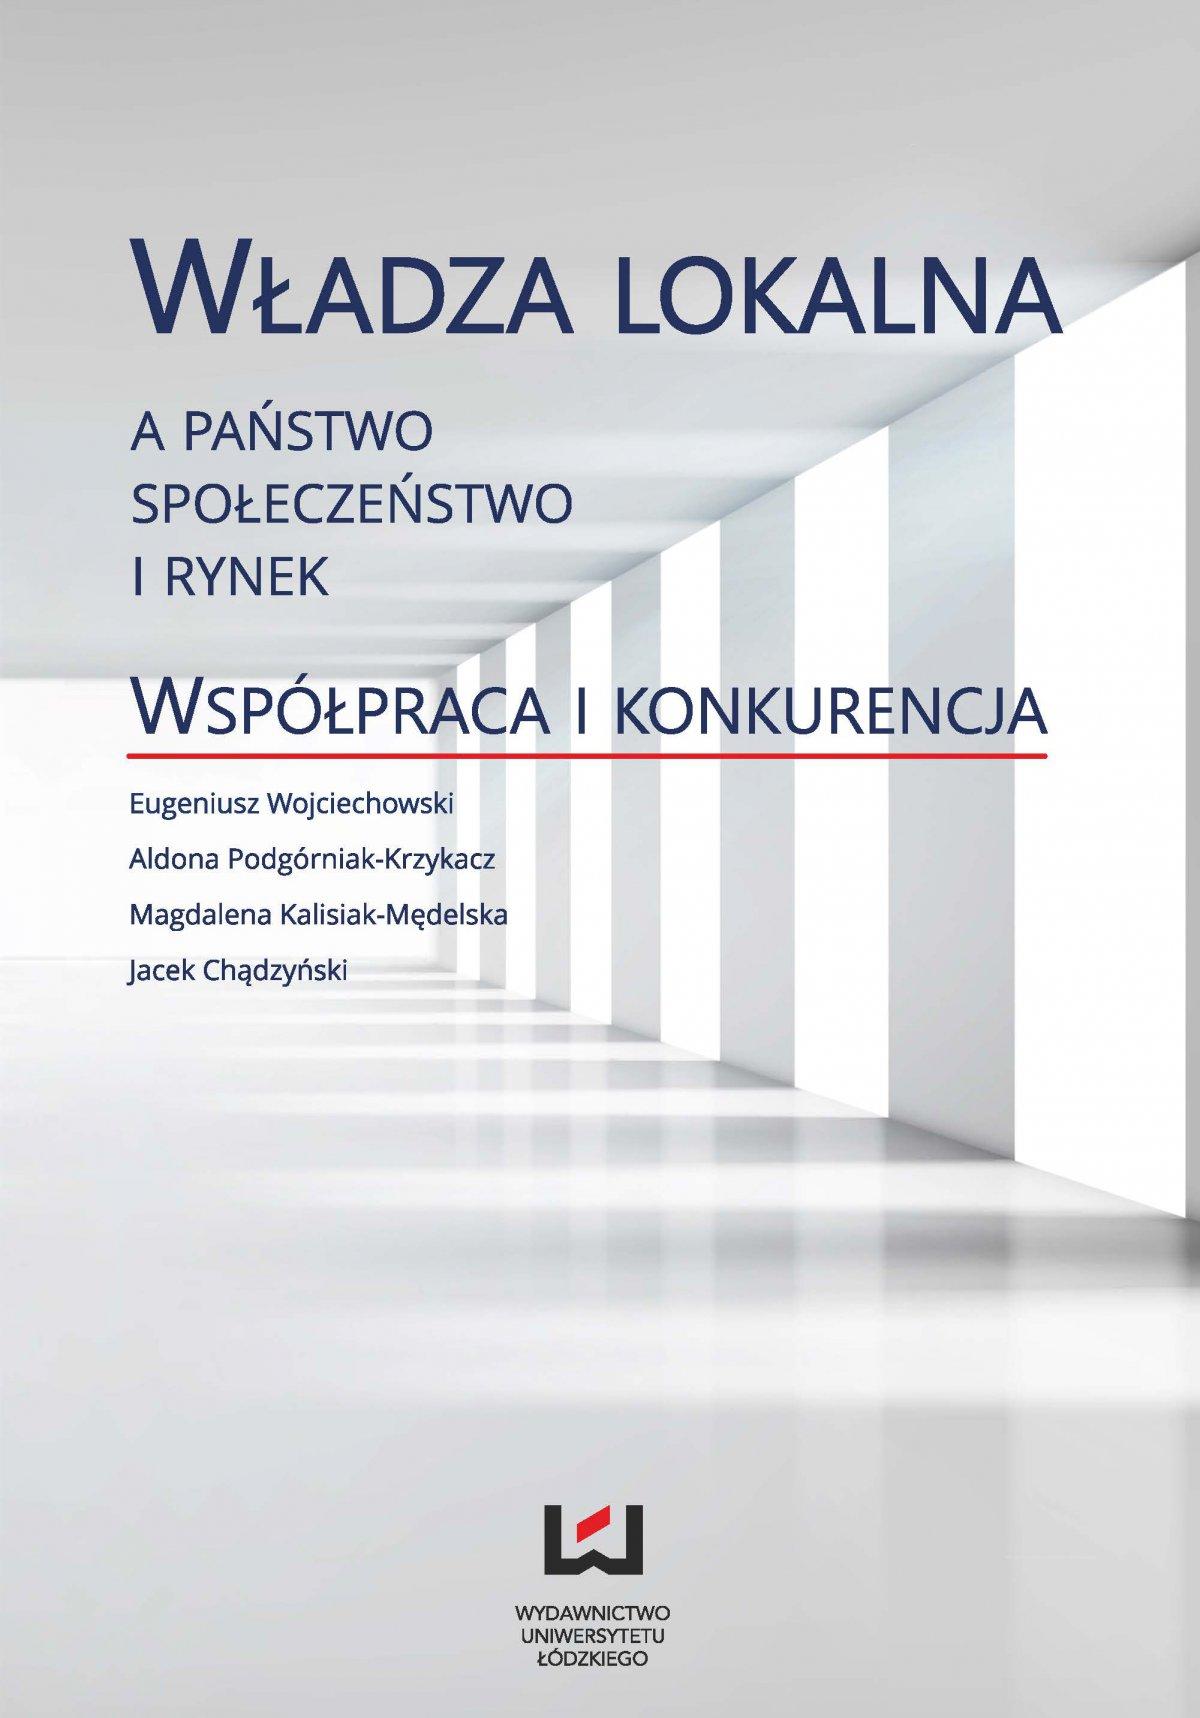 Władza lokalna a państwo, społeczeństwo i rynek. Współpraca i konkurencja - Ebook (Książka PDF) do pobrania w formacie PDF